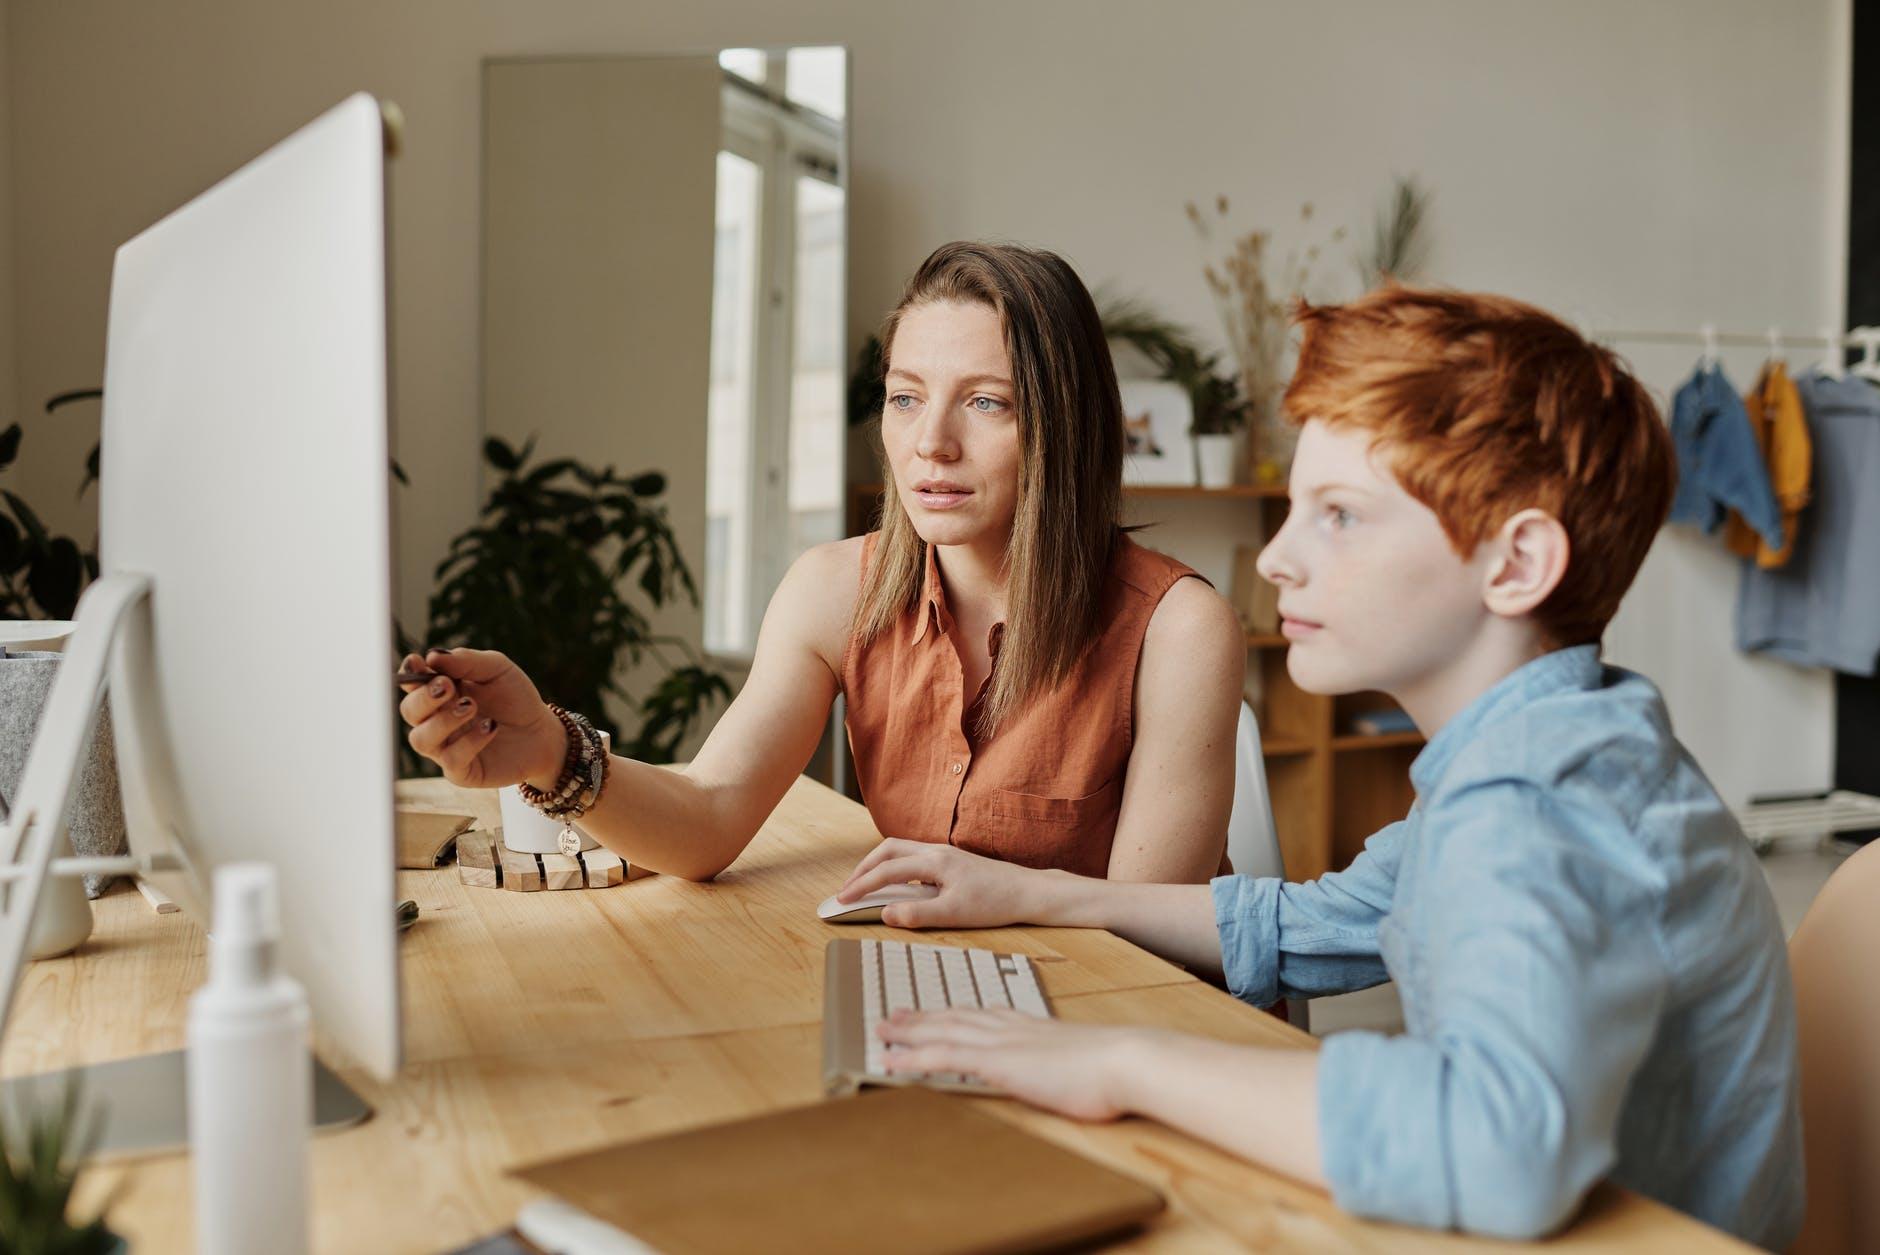 बच्चे बना रहे हैं मम्मियों को डिजिटल ज्ञान में माहिर|लाइफस्टाइल,Lifestyle - Dainik Bhaskar